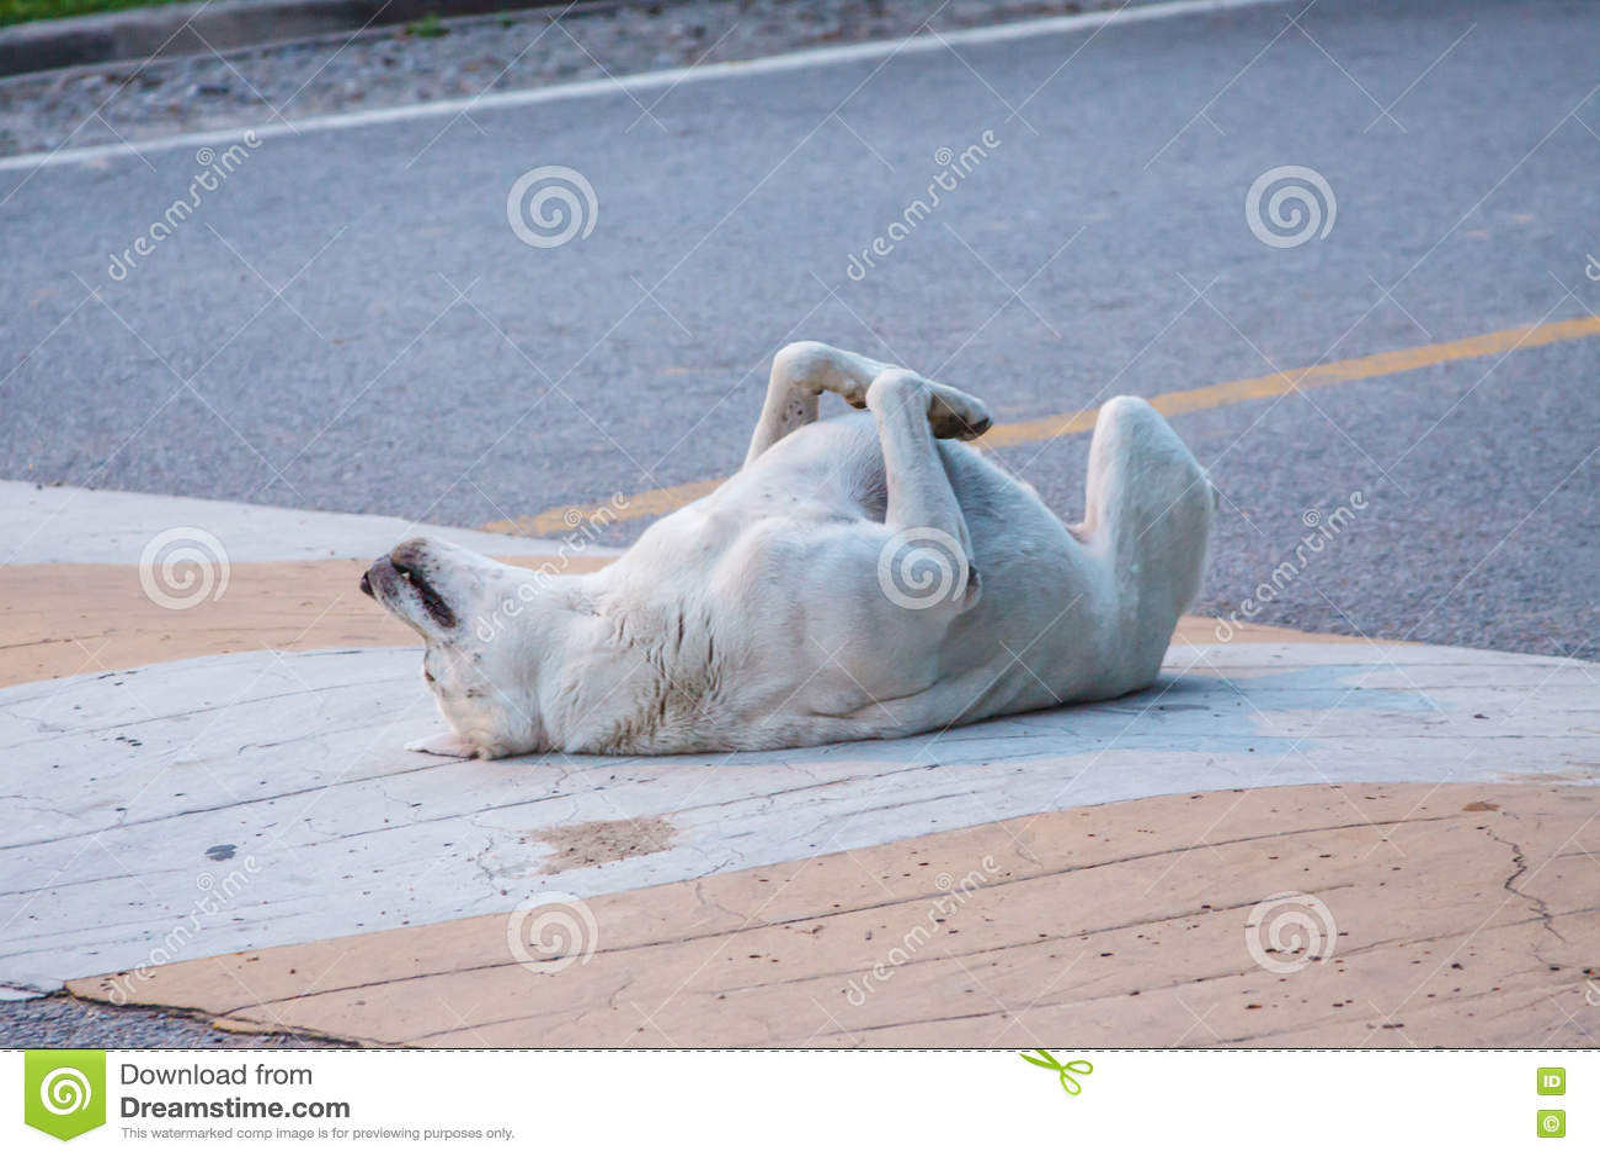 Perro muerto en villa de renca